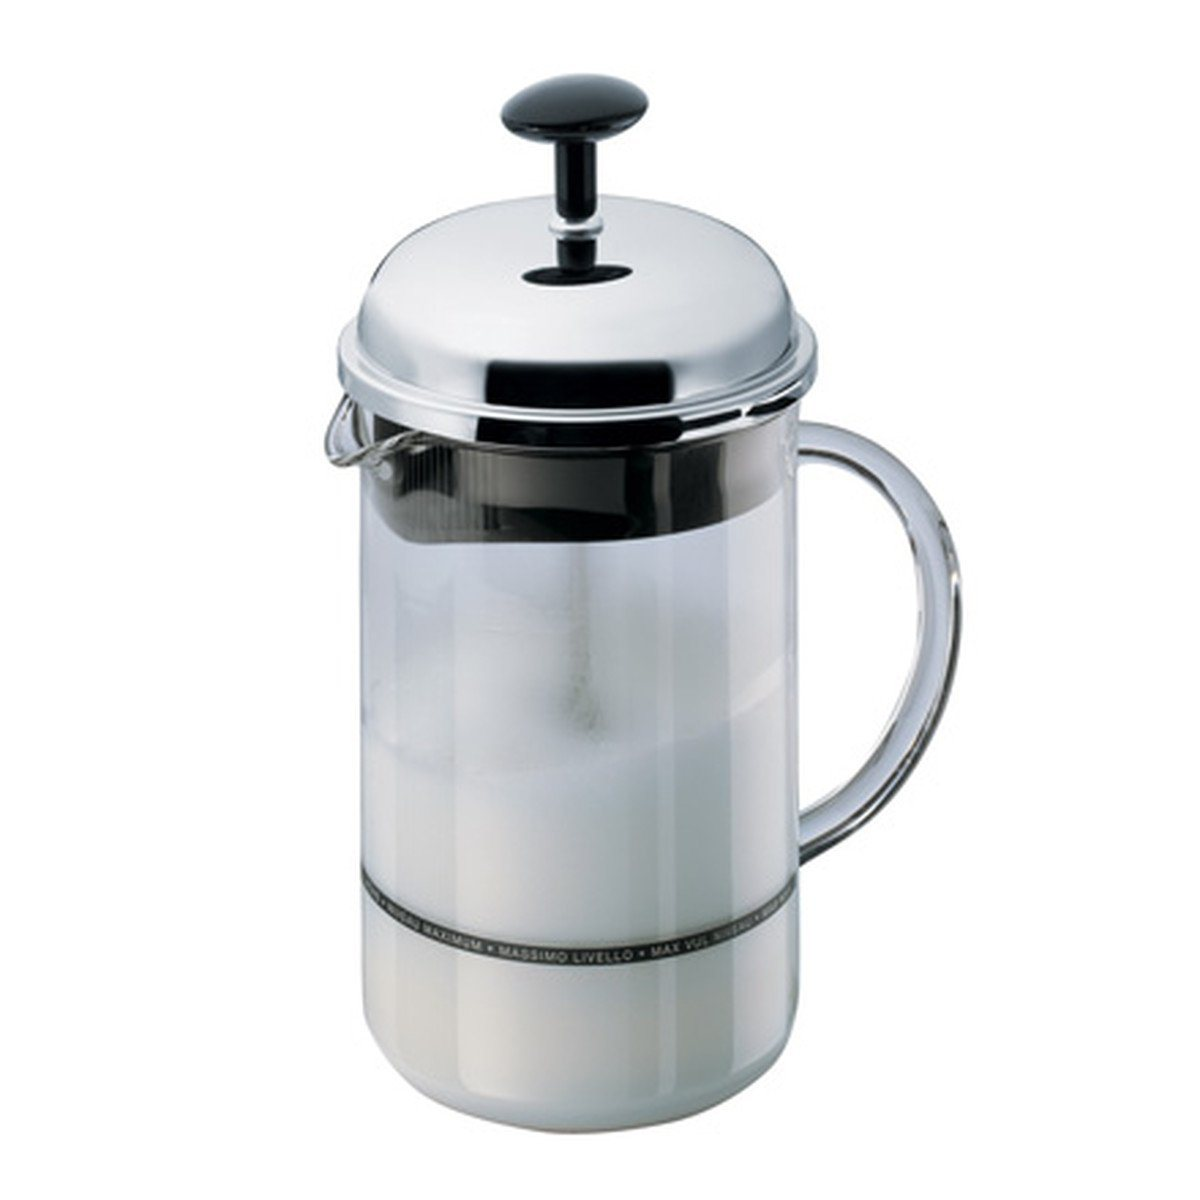 Bodum Bodum Milchaufschäumer CHAMBORD 0.25 L | Küche und Esszimmer > Kaffee und Tee > Milchaufschäumer | Kunststoff | Bodum